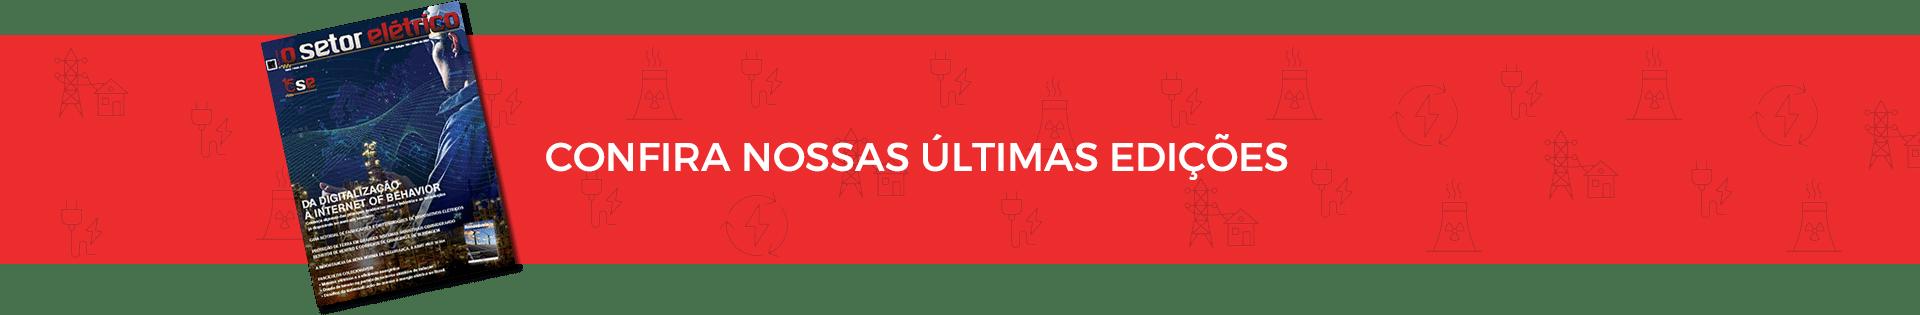 Tarja-Revista-180